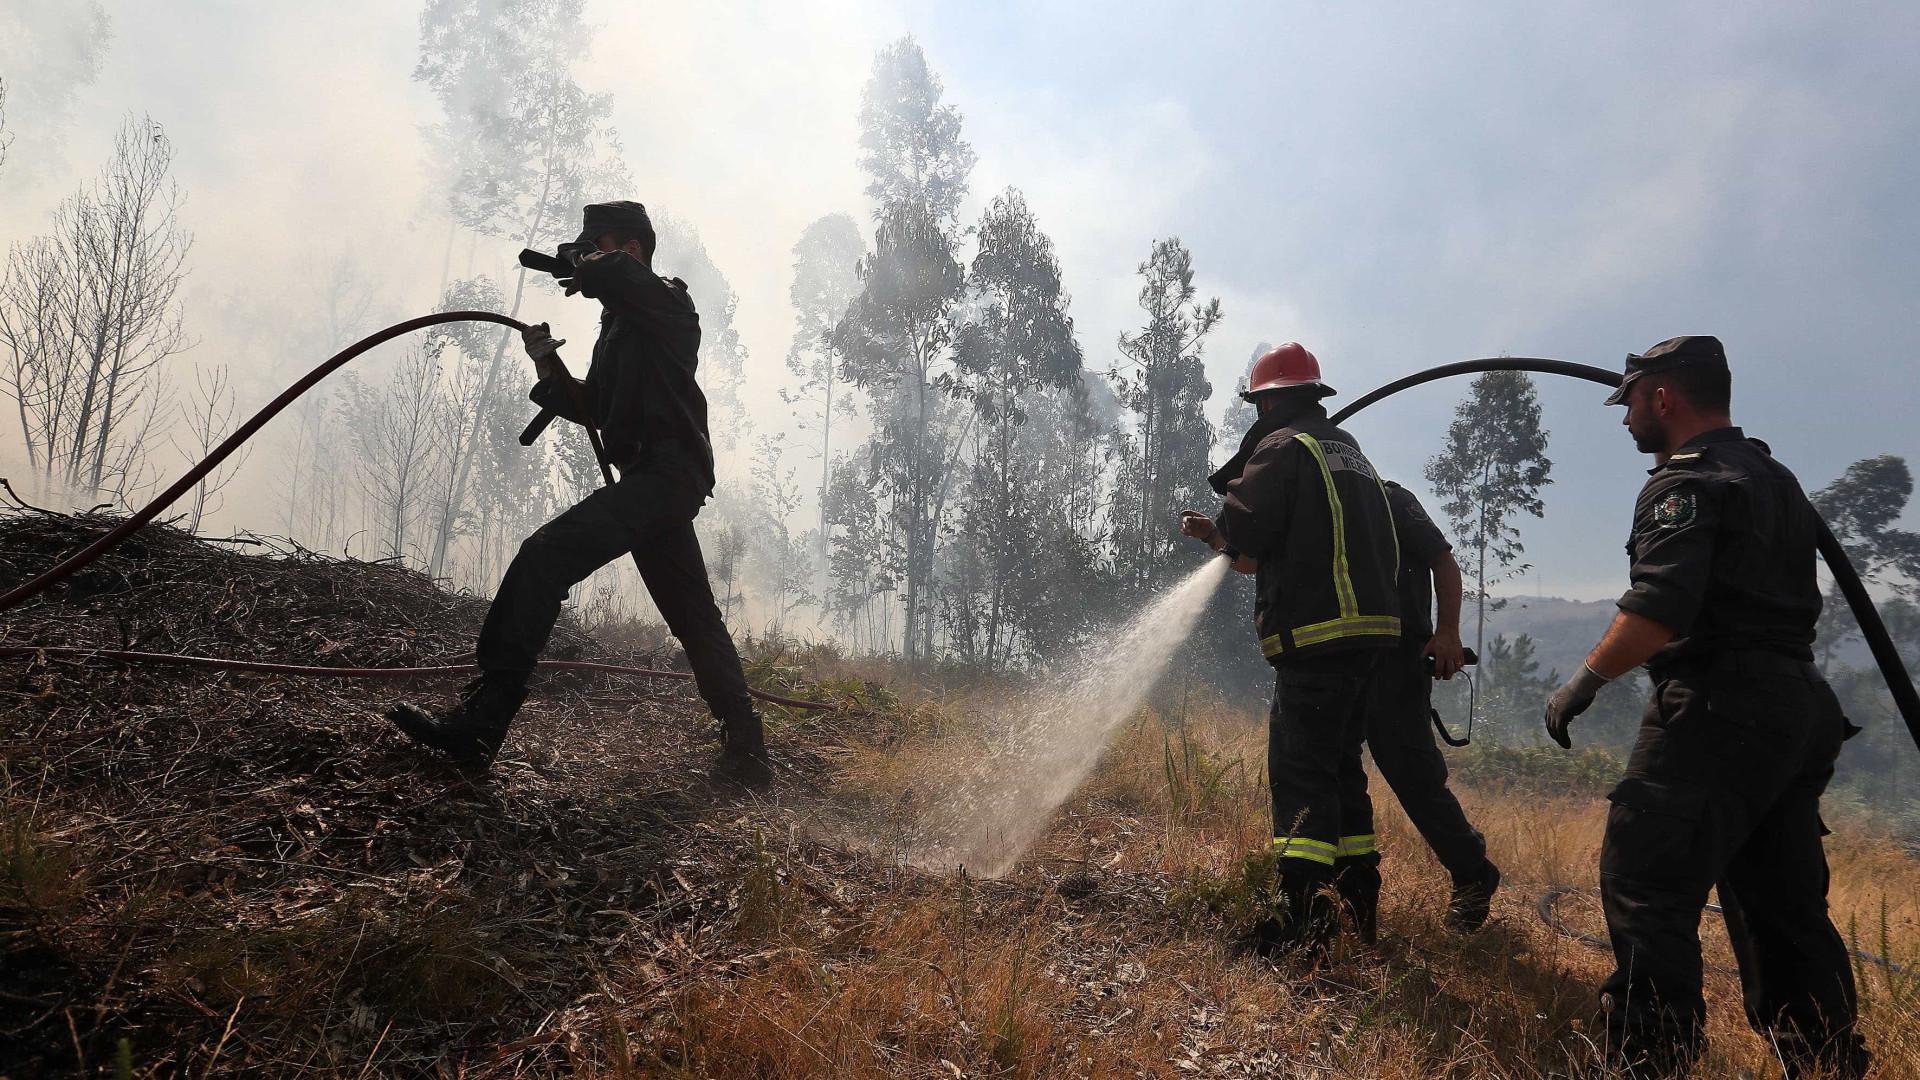 Incêndio: Reativado fogo no parque Peneda Gerês